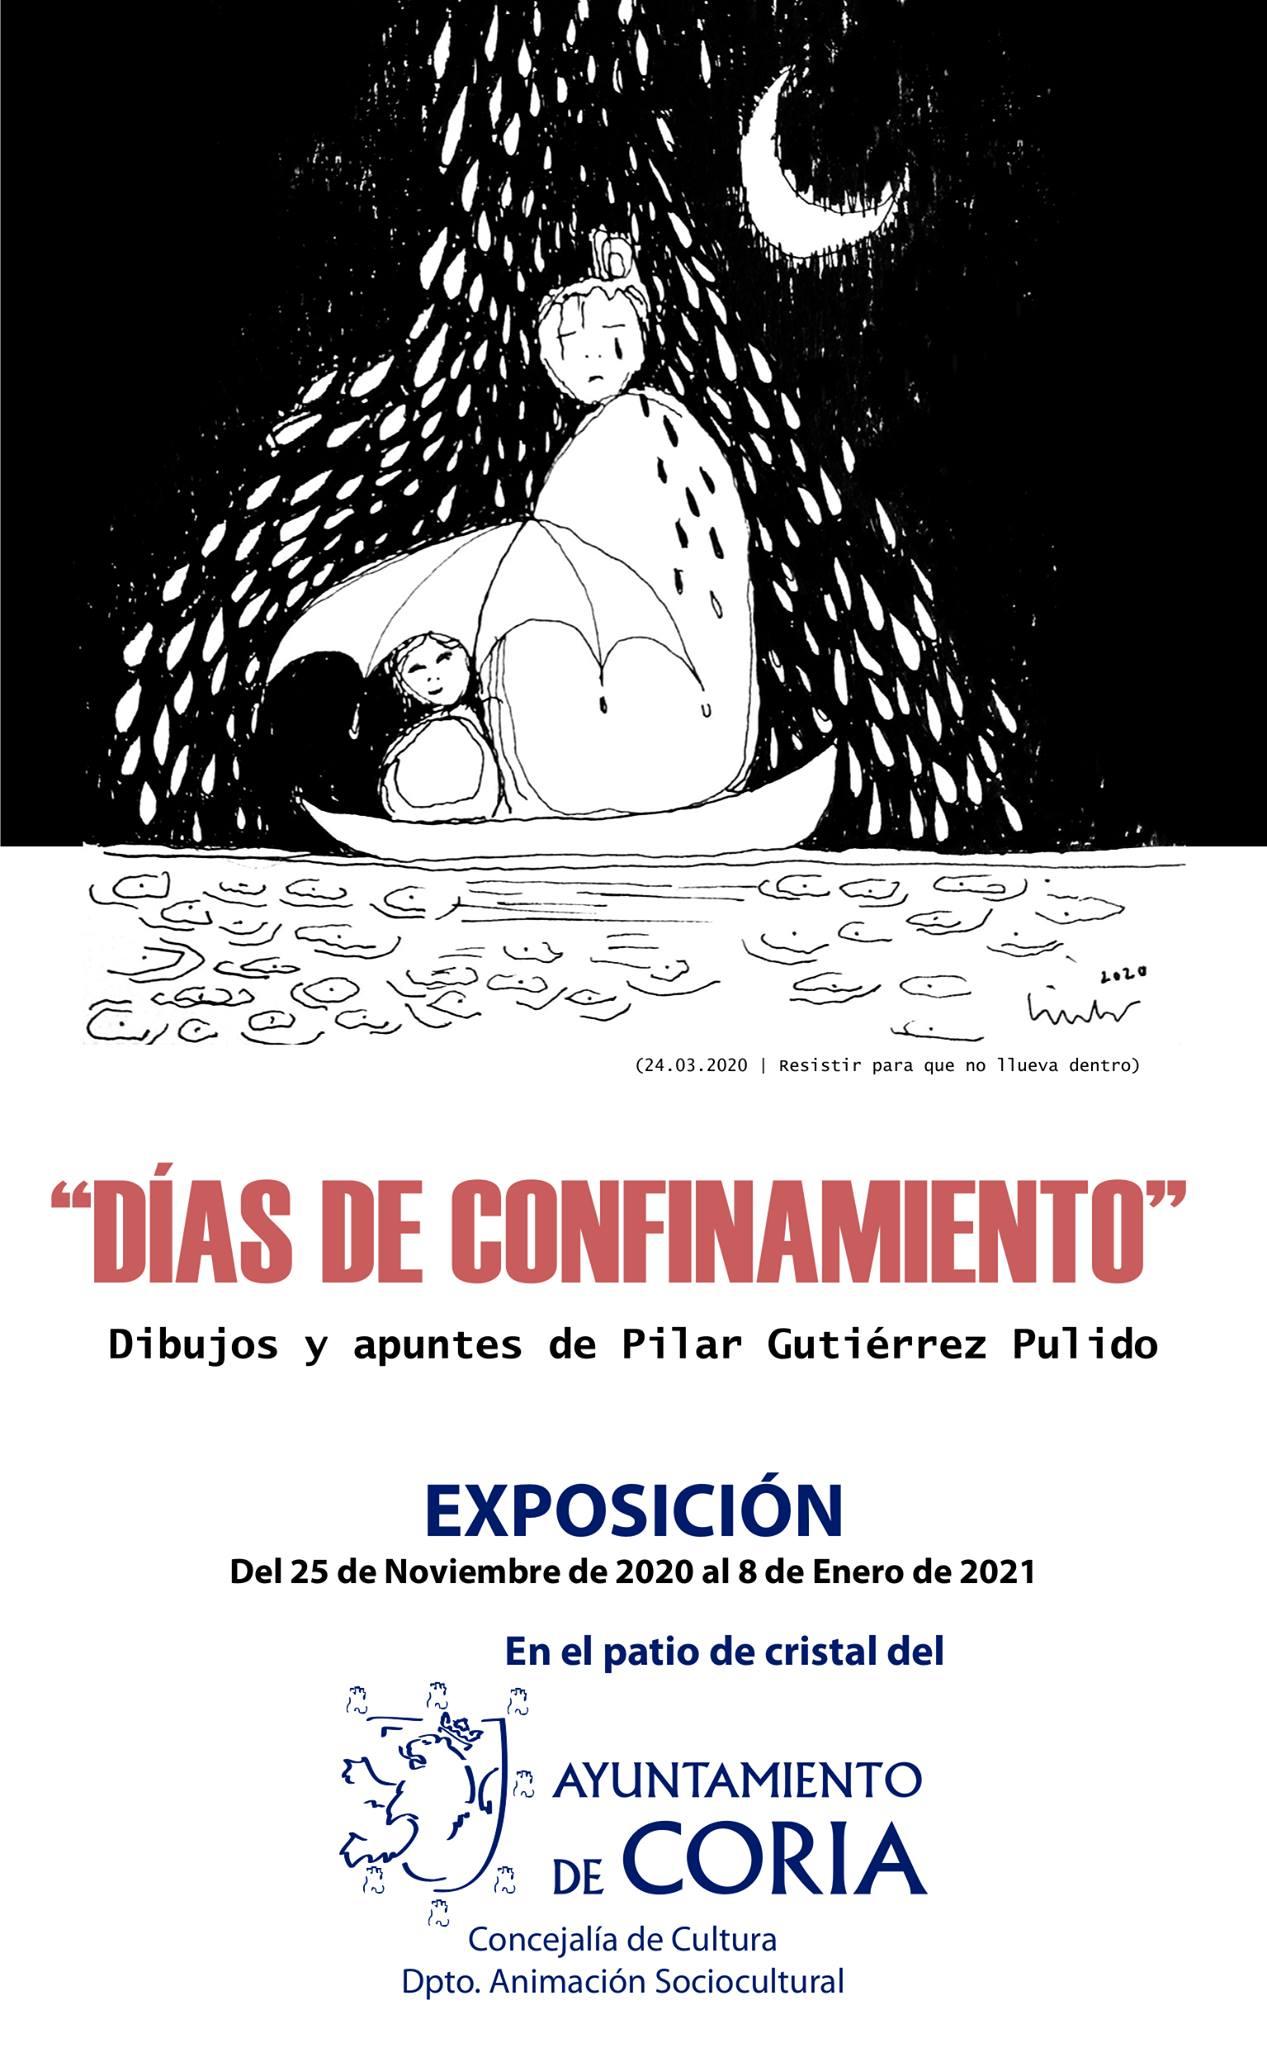 Exposición Días de Confinamiento (2020-2021) - Coria (Cáceres)